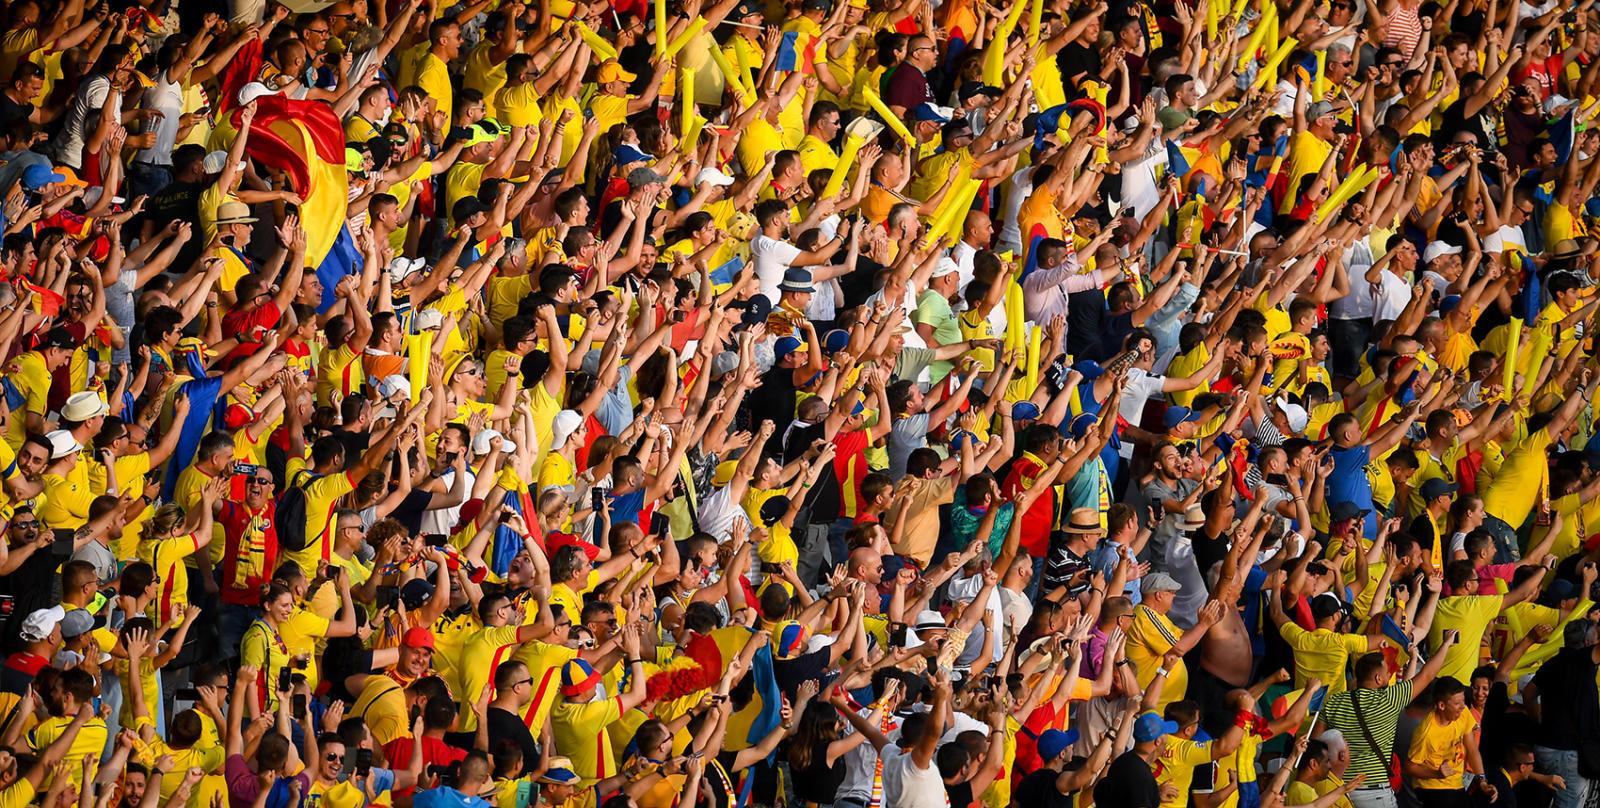 Președintele FRF, Răzvan Burleanu, vrea să aducă echipa națională la Sibiu